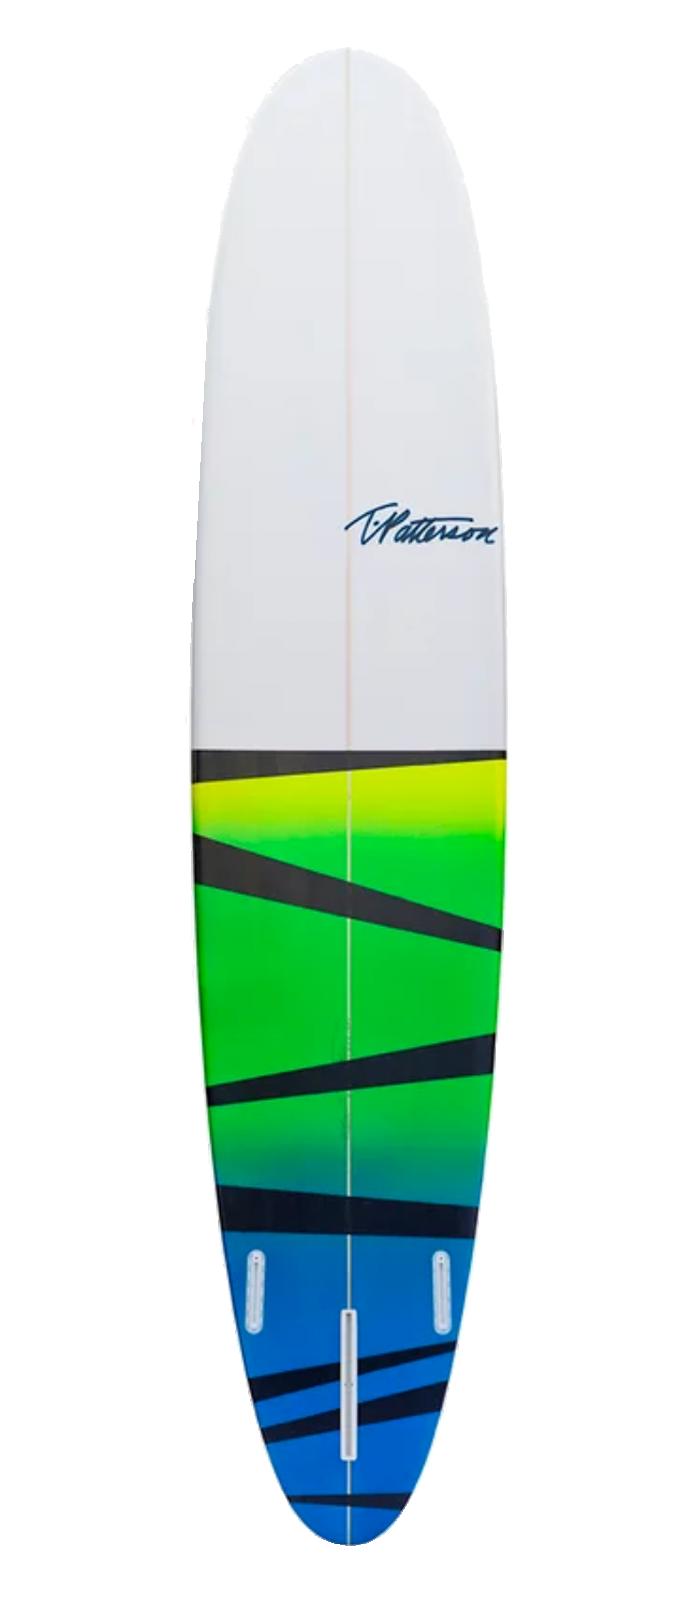 IZZY surfboard model bottom